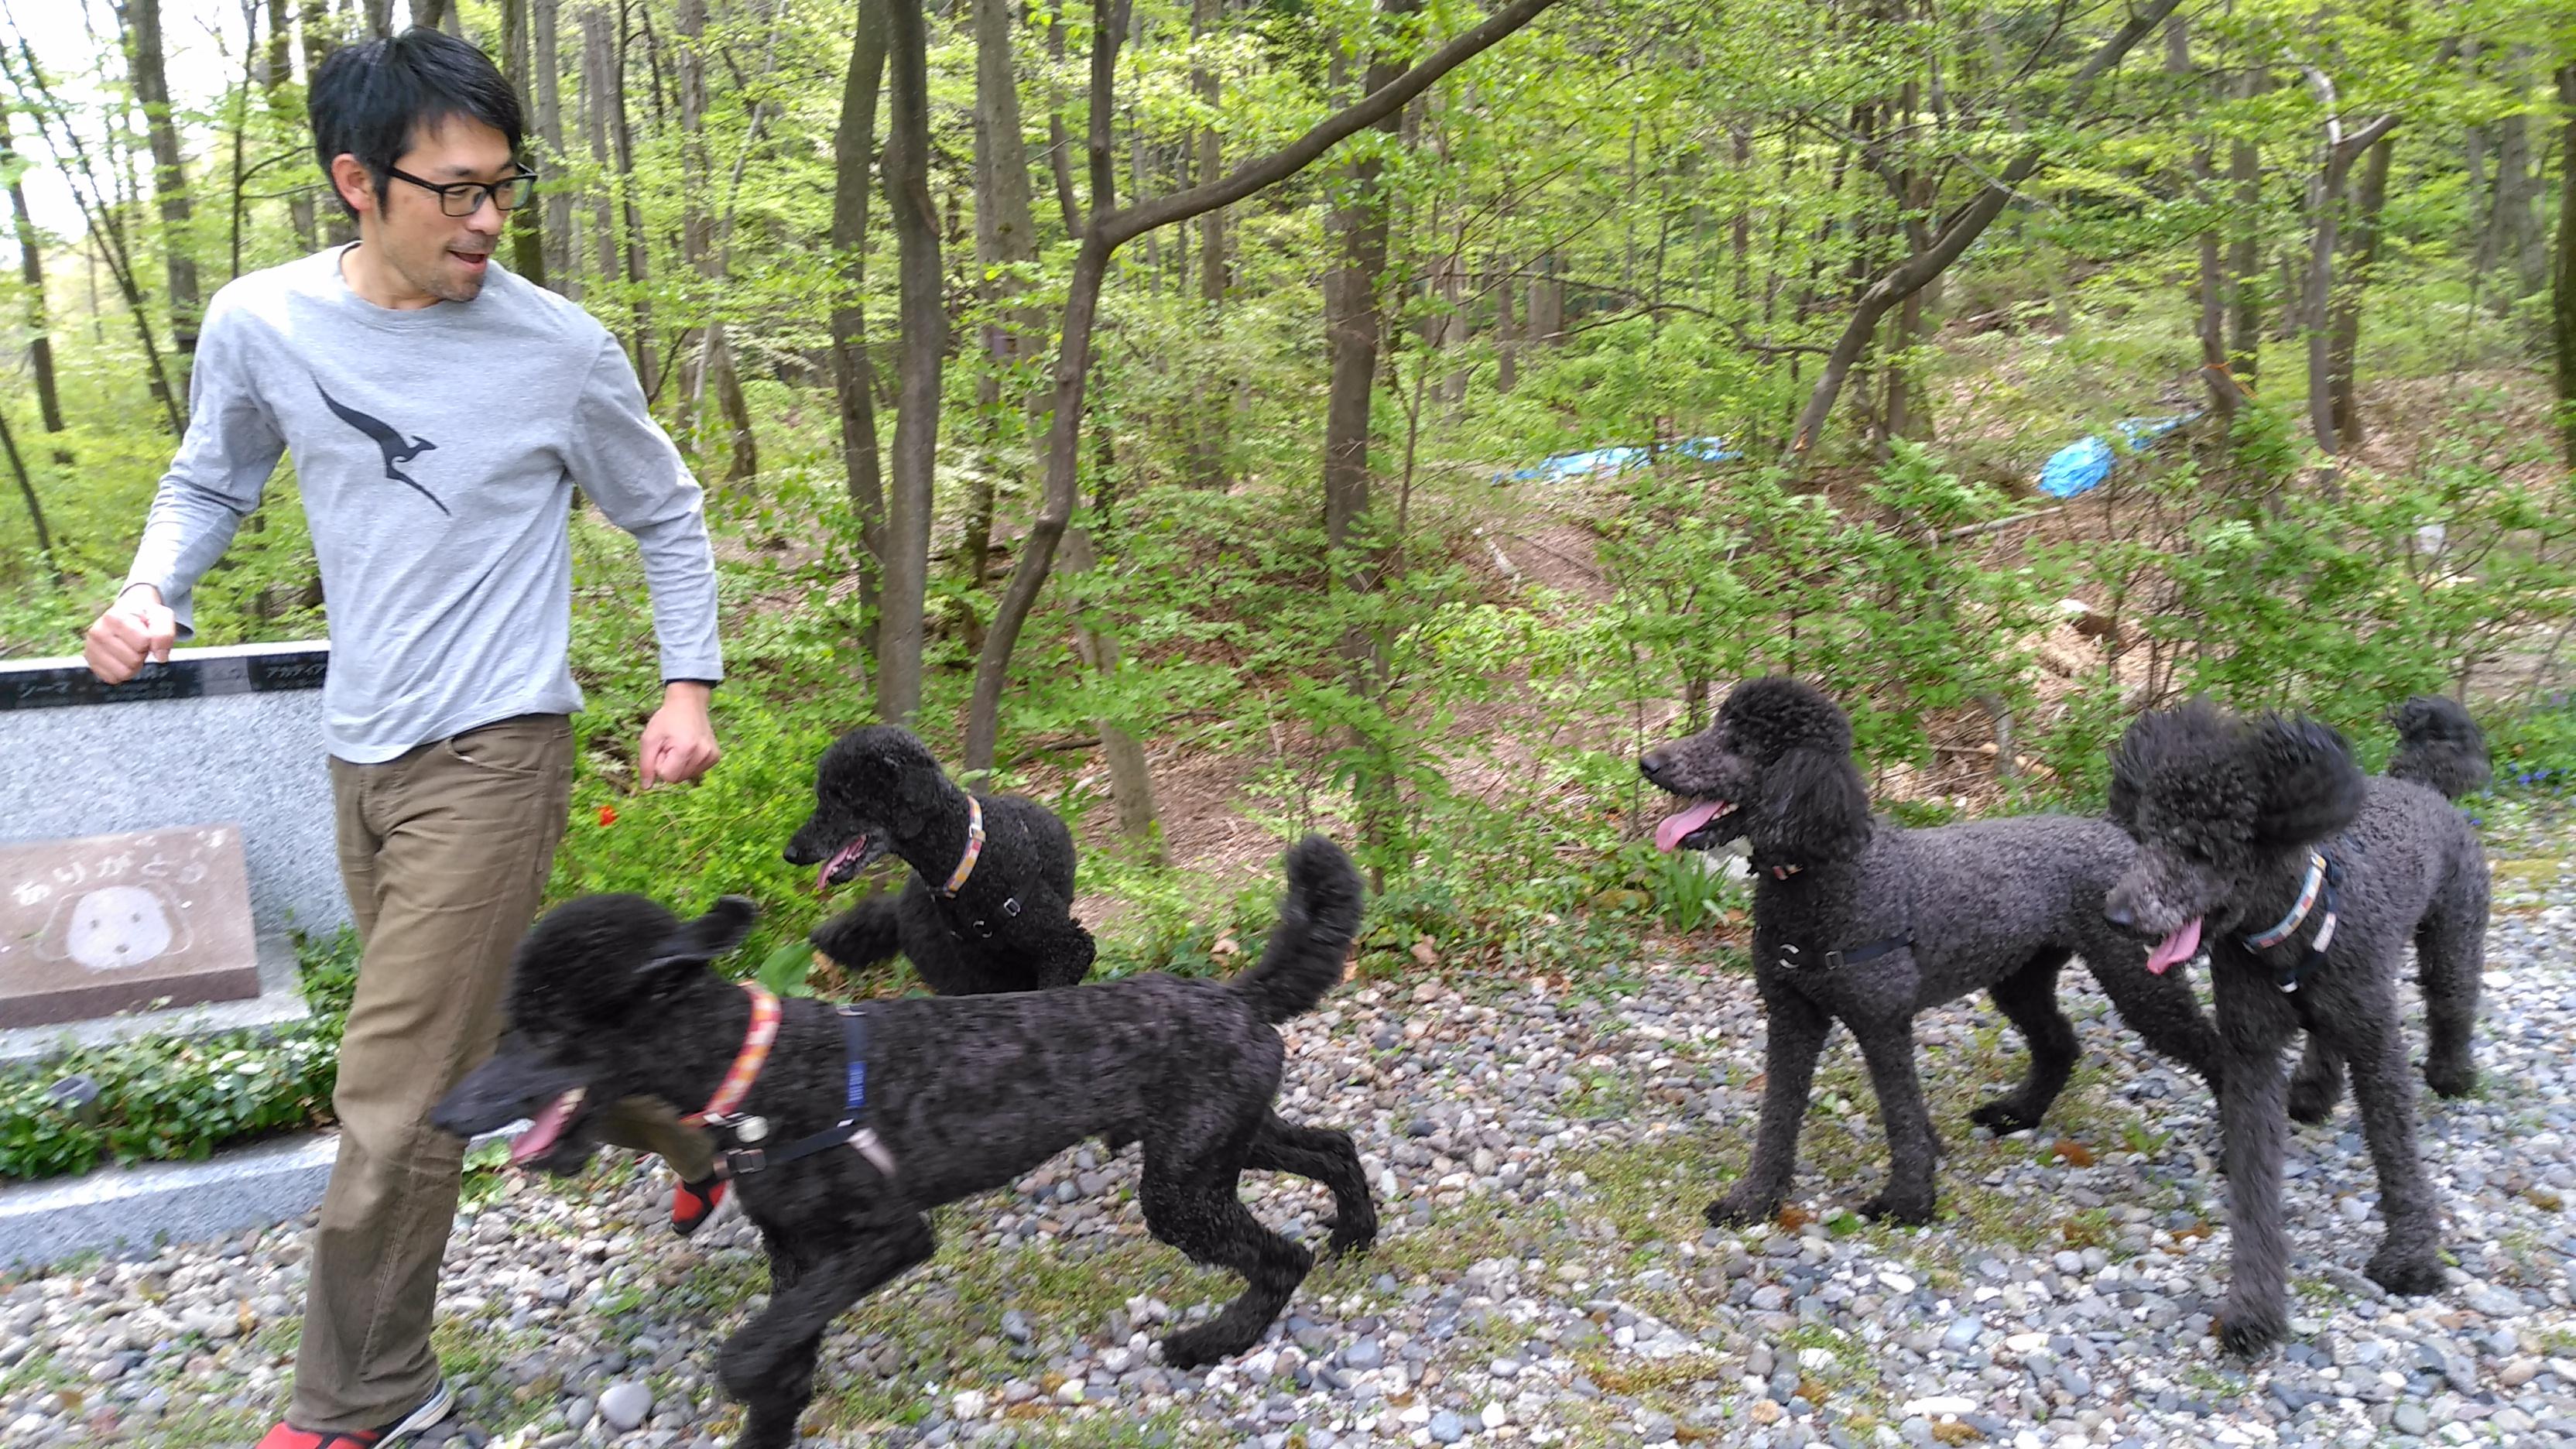 菊水先生と4頭の犬たちは公私ともに支え合うパートナーだ